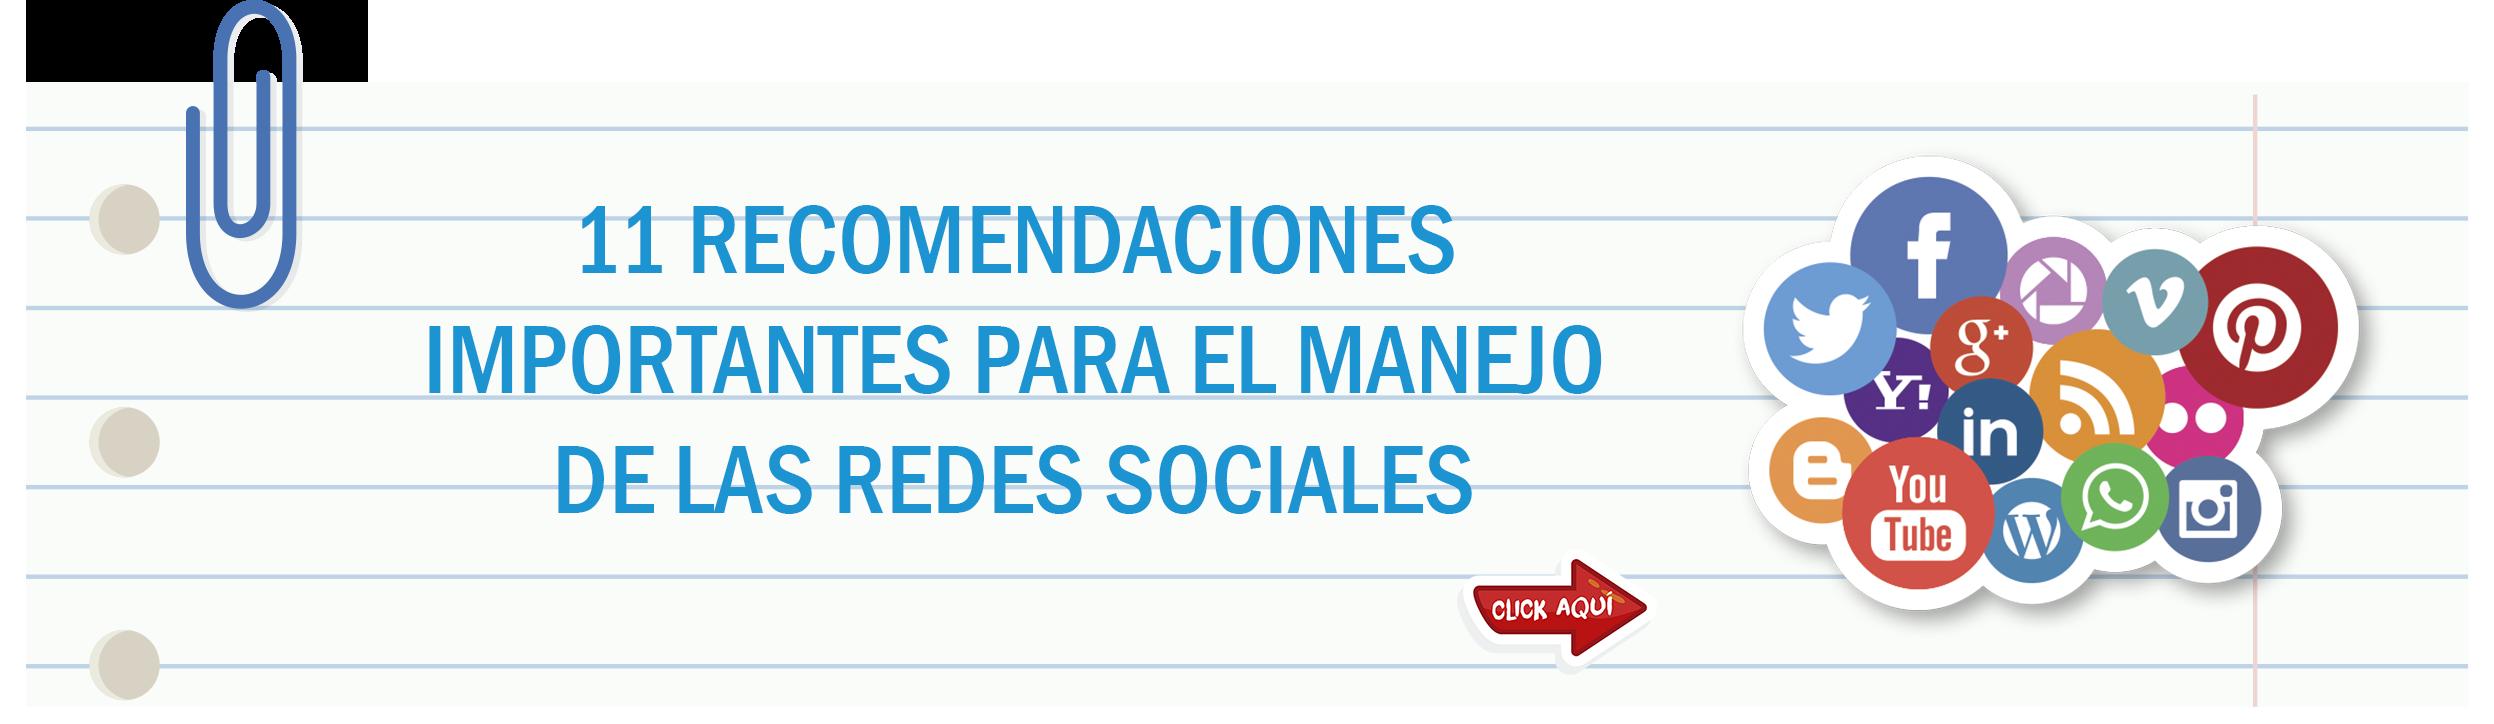 Recomendaciones para el manejo de redes sociales